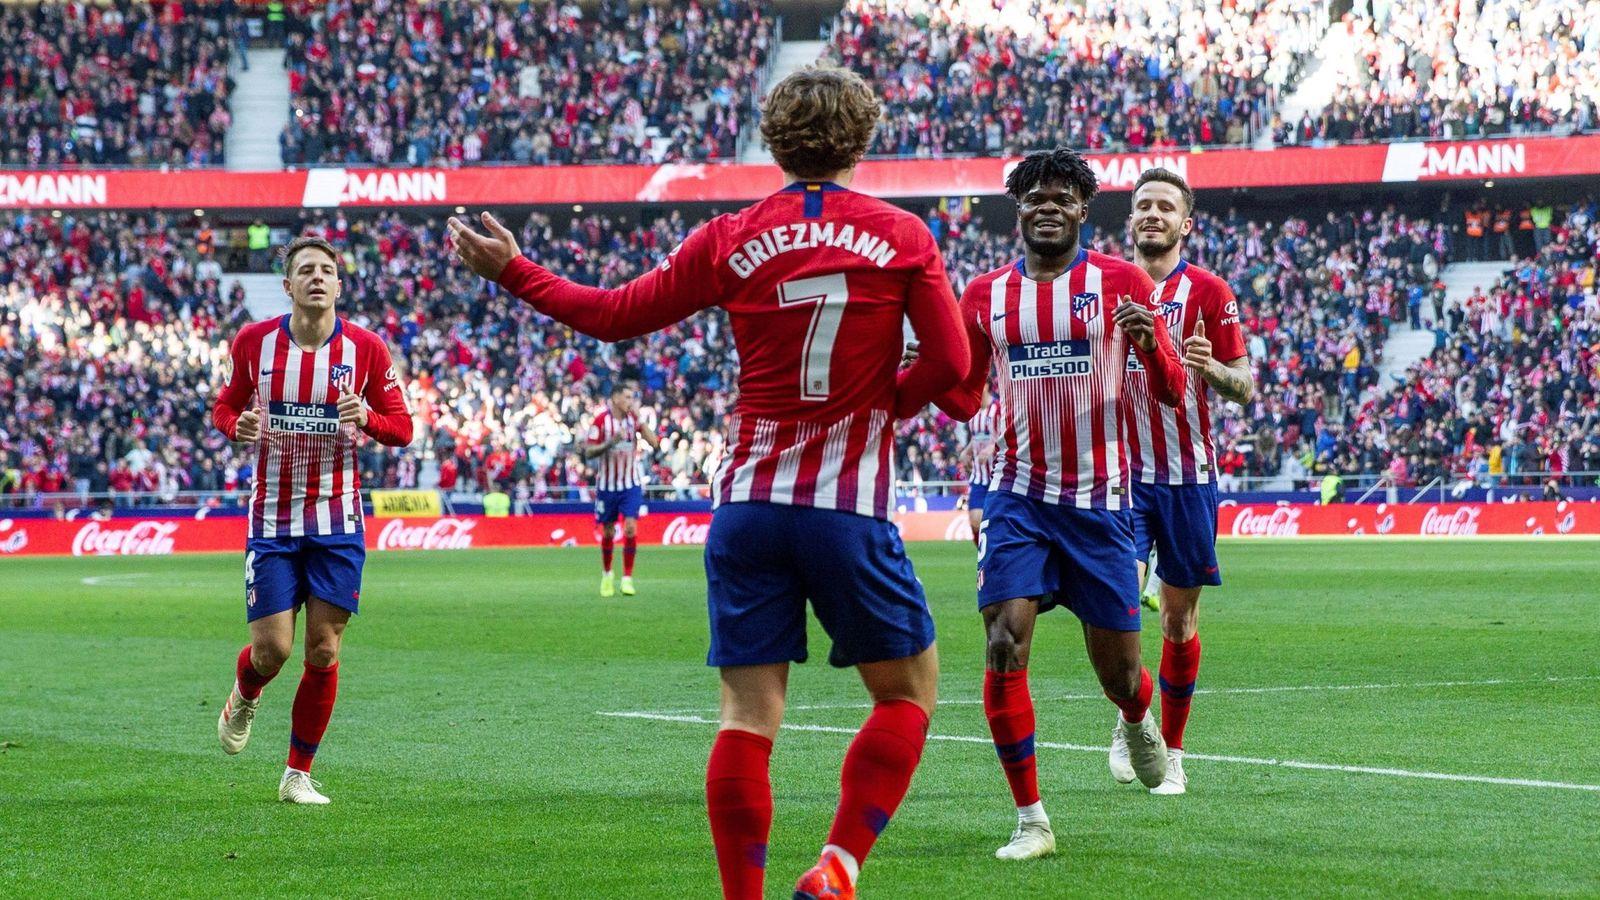 Getafe Resultado Y Resumen Hoy En Directo: Directo: Atlético De Madrid